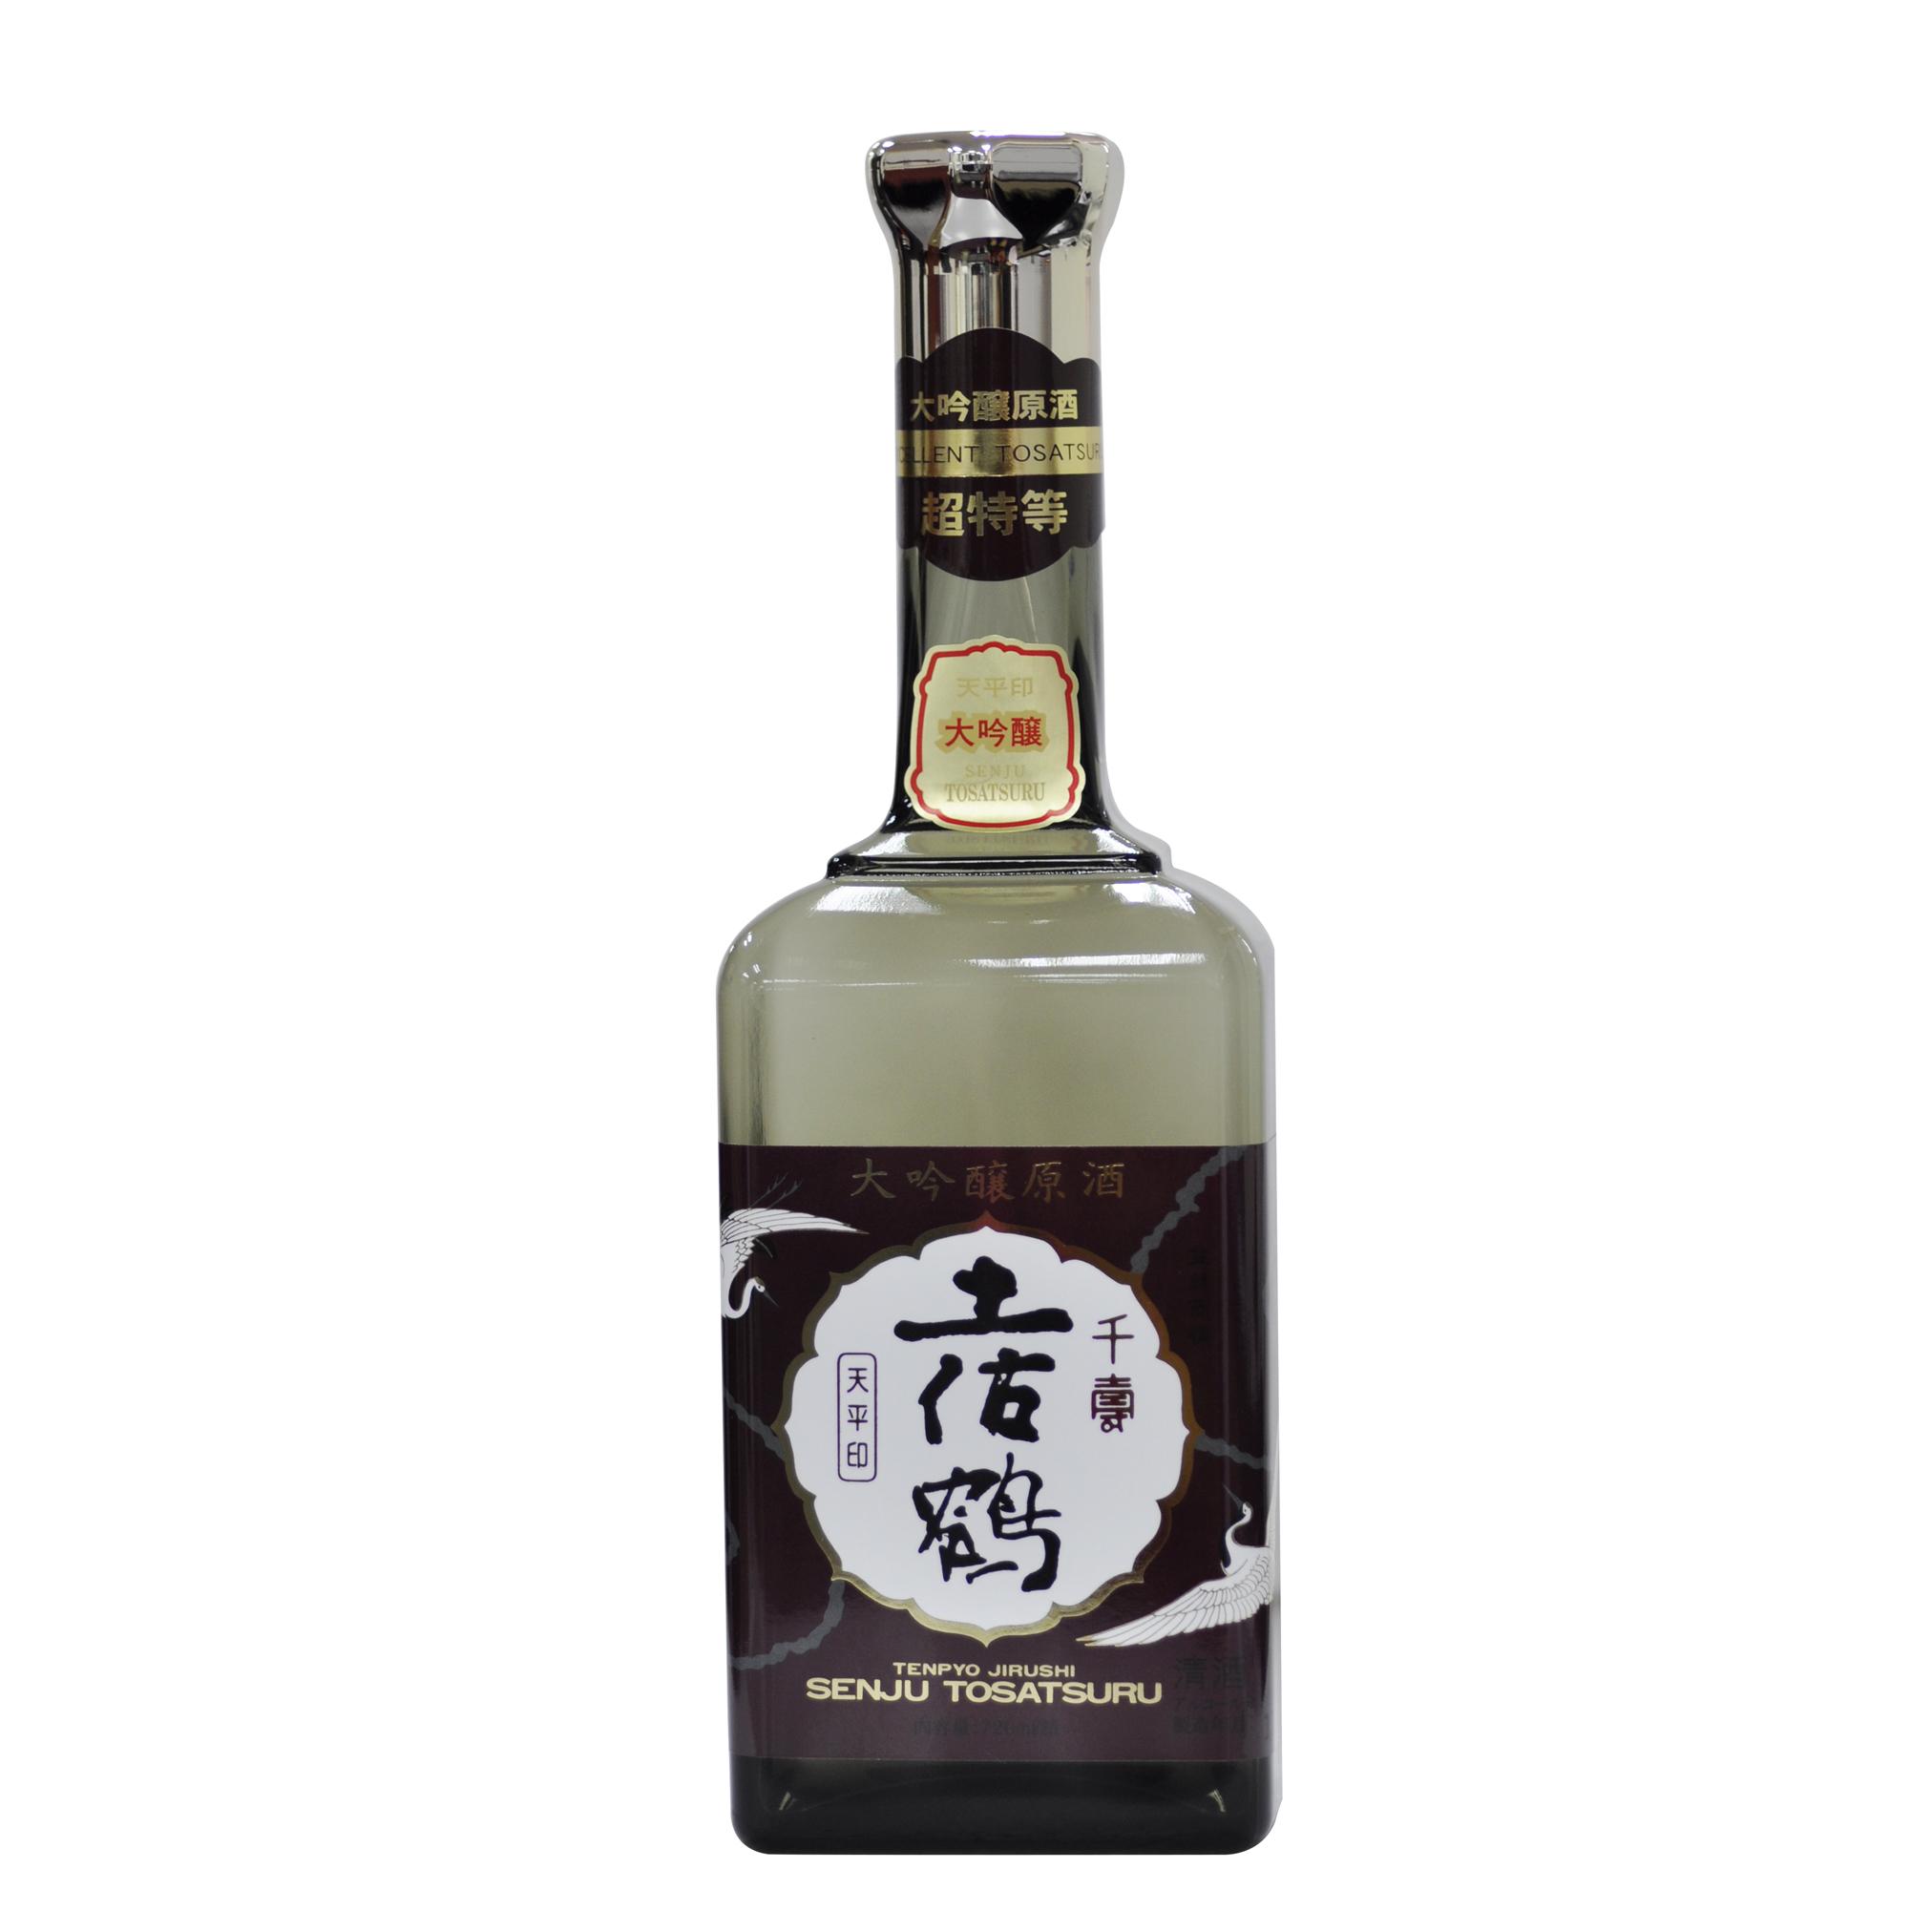 Tosatsuru Daiginjo Genshu Tempyo 17% 720ml